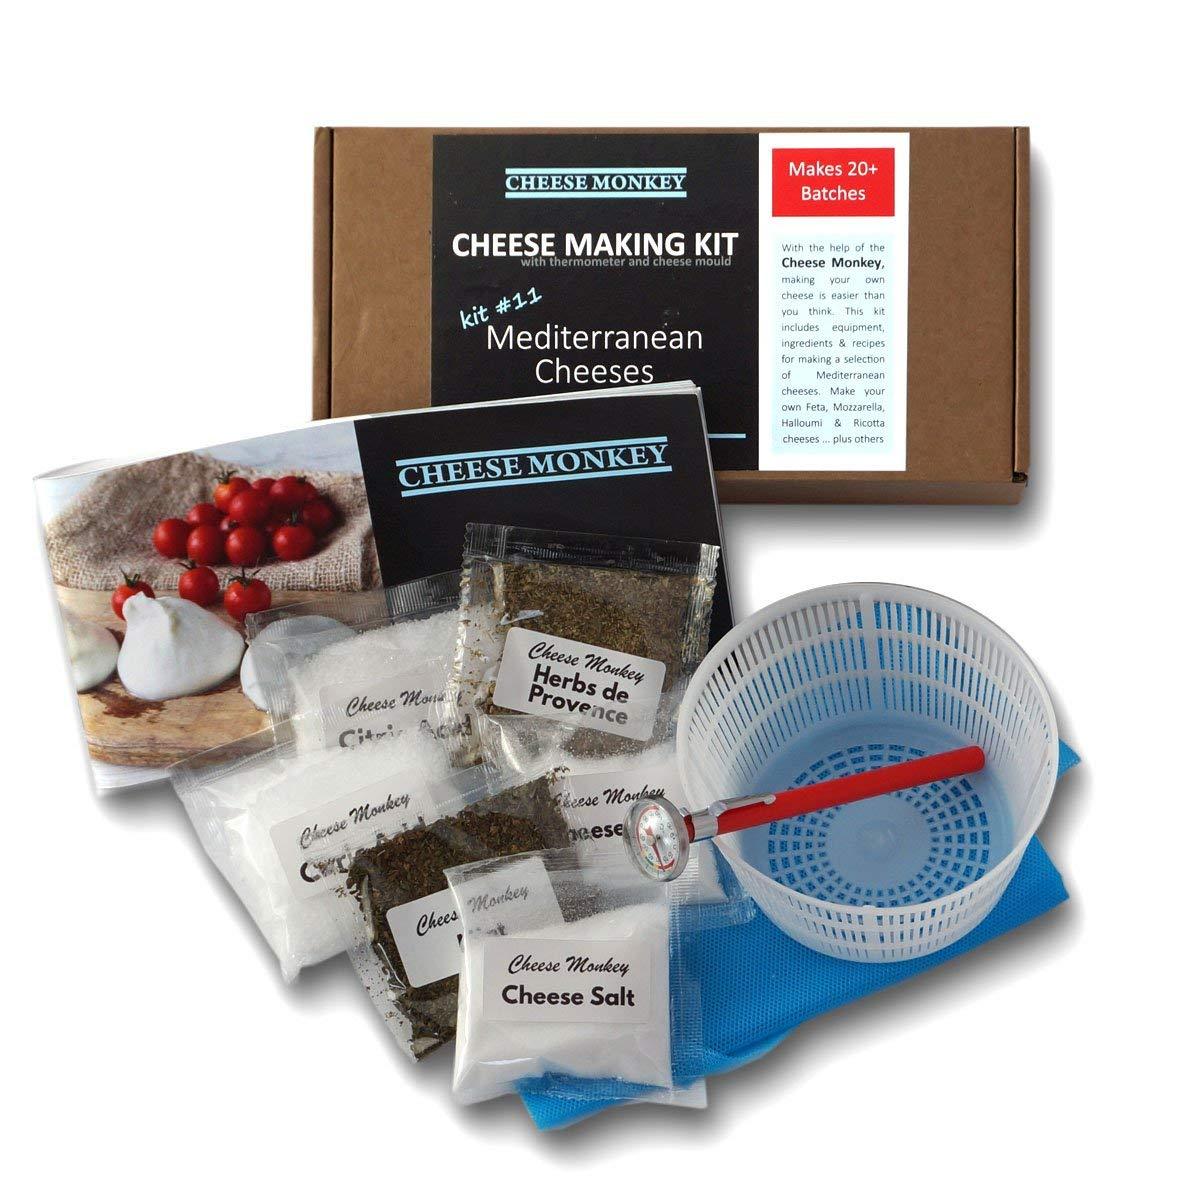 Cheese Making Kit (20 Batches) Halloumi, Feta, Mozzarella, Ricotta and 8 other Mediterranean cheeses! by Cheese Monkey